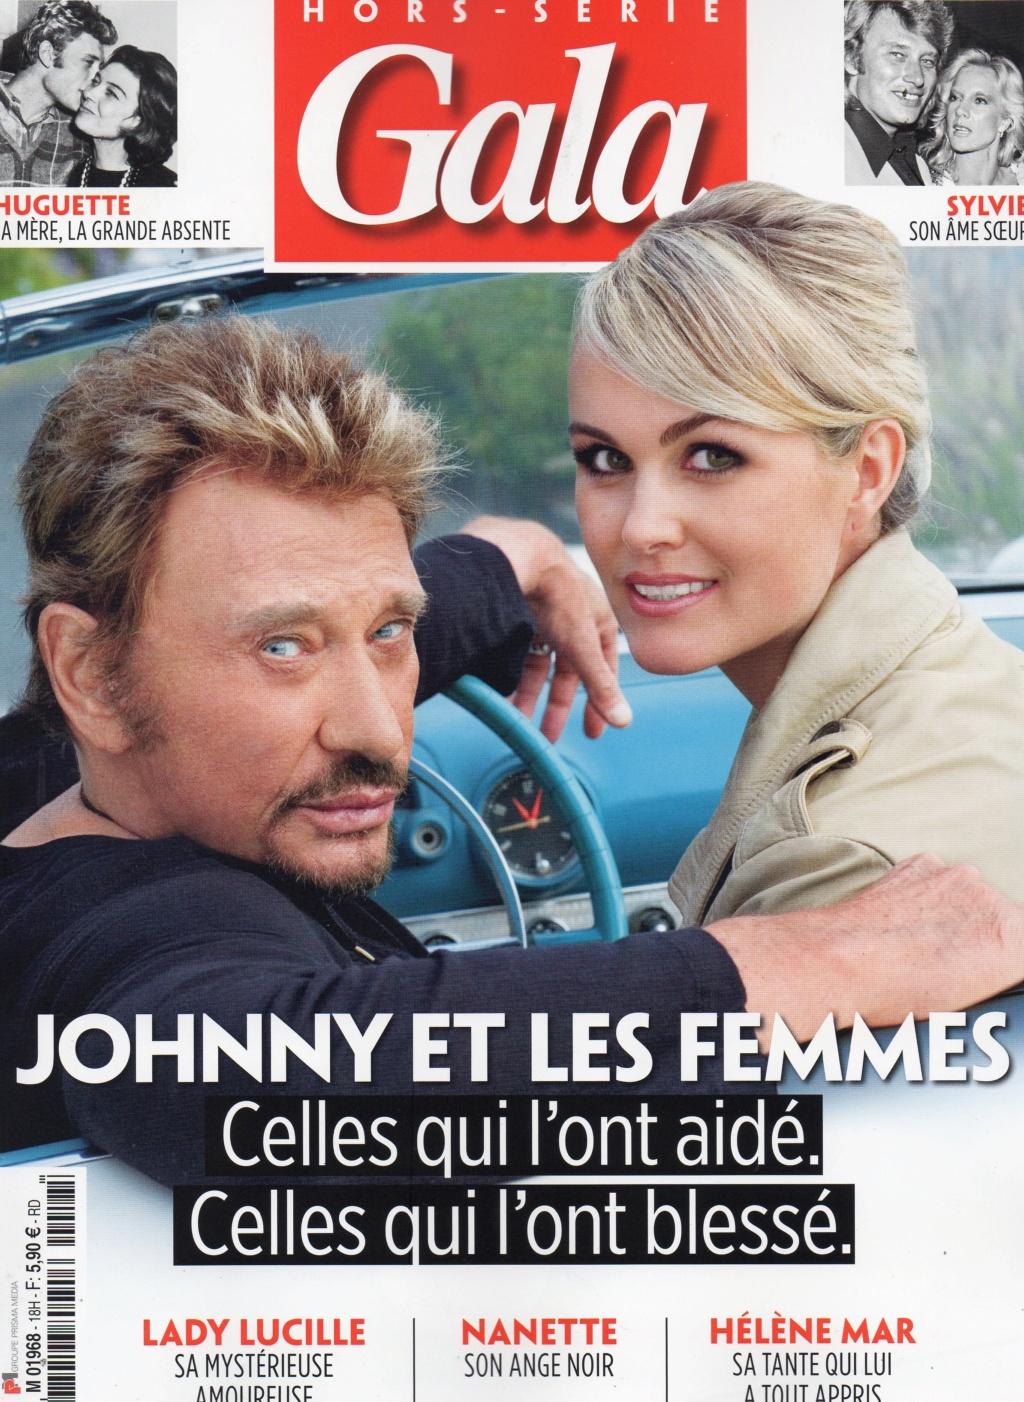 JOHNNY ET LA PRESSE (2) - Page 19 Img48110